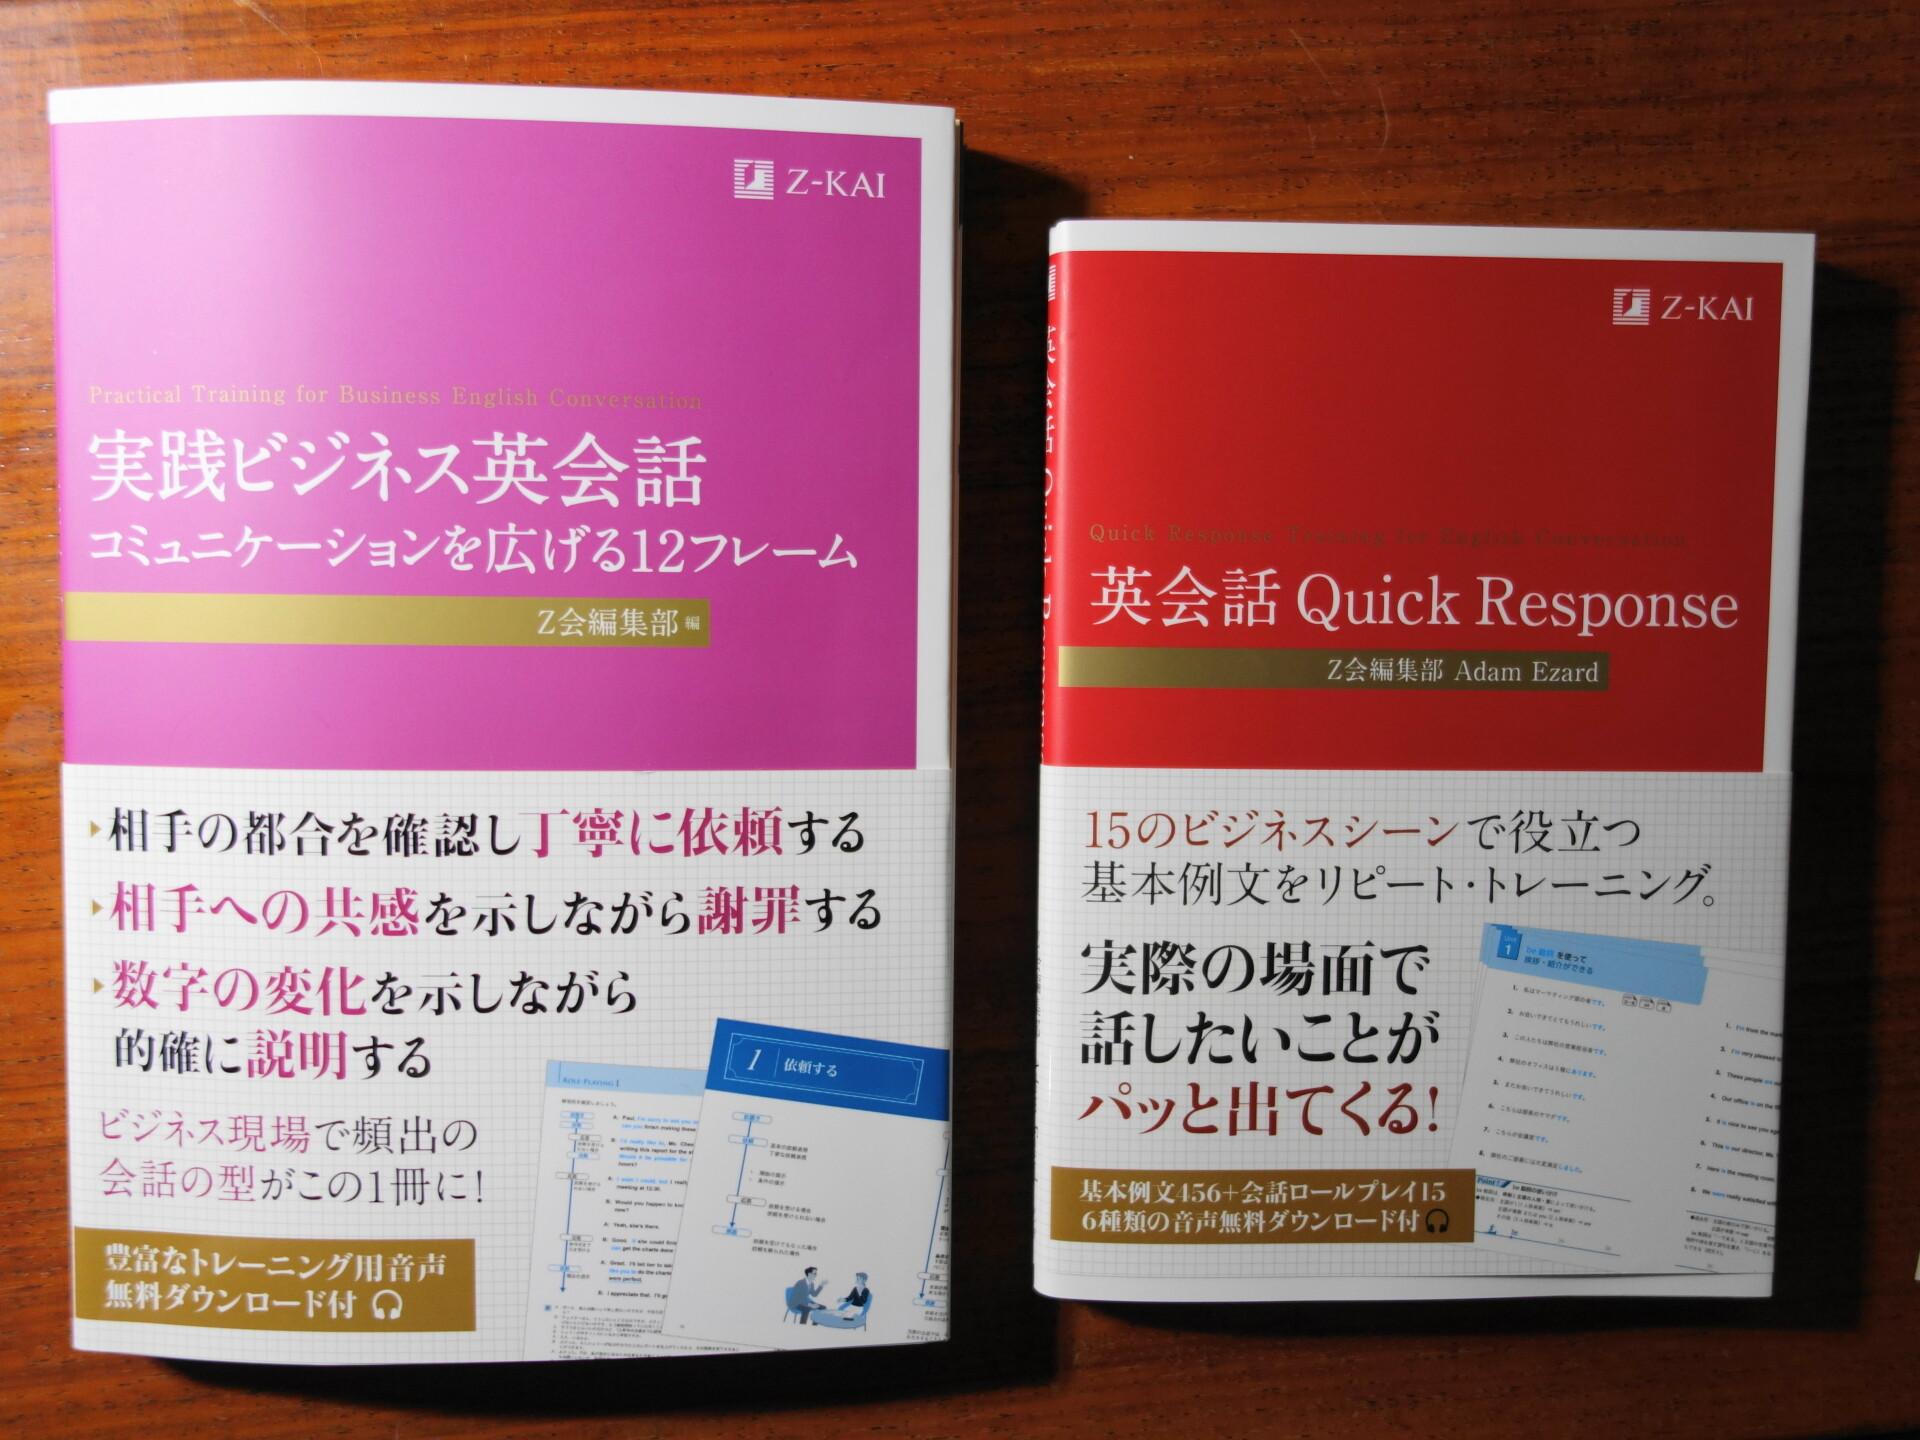 実践ビジネス英会話と英会話Quick Response